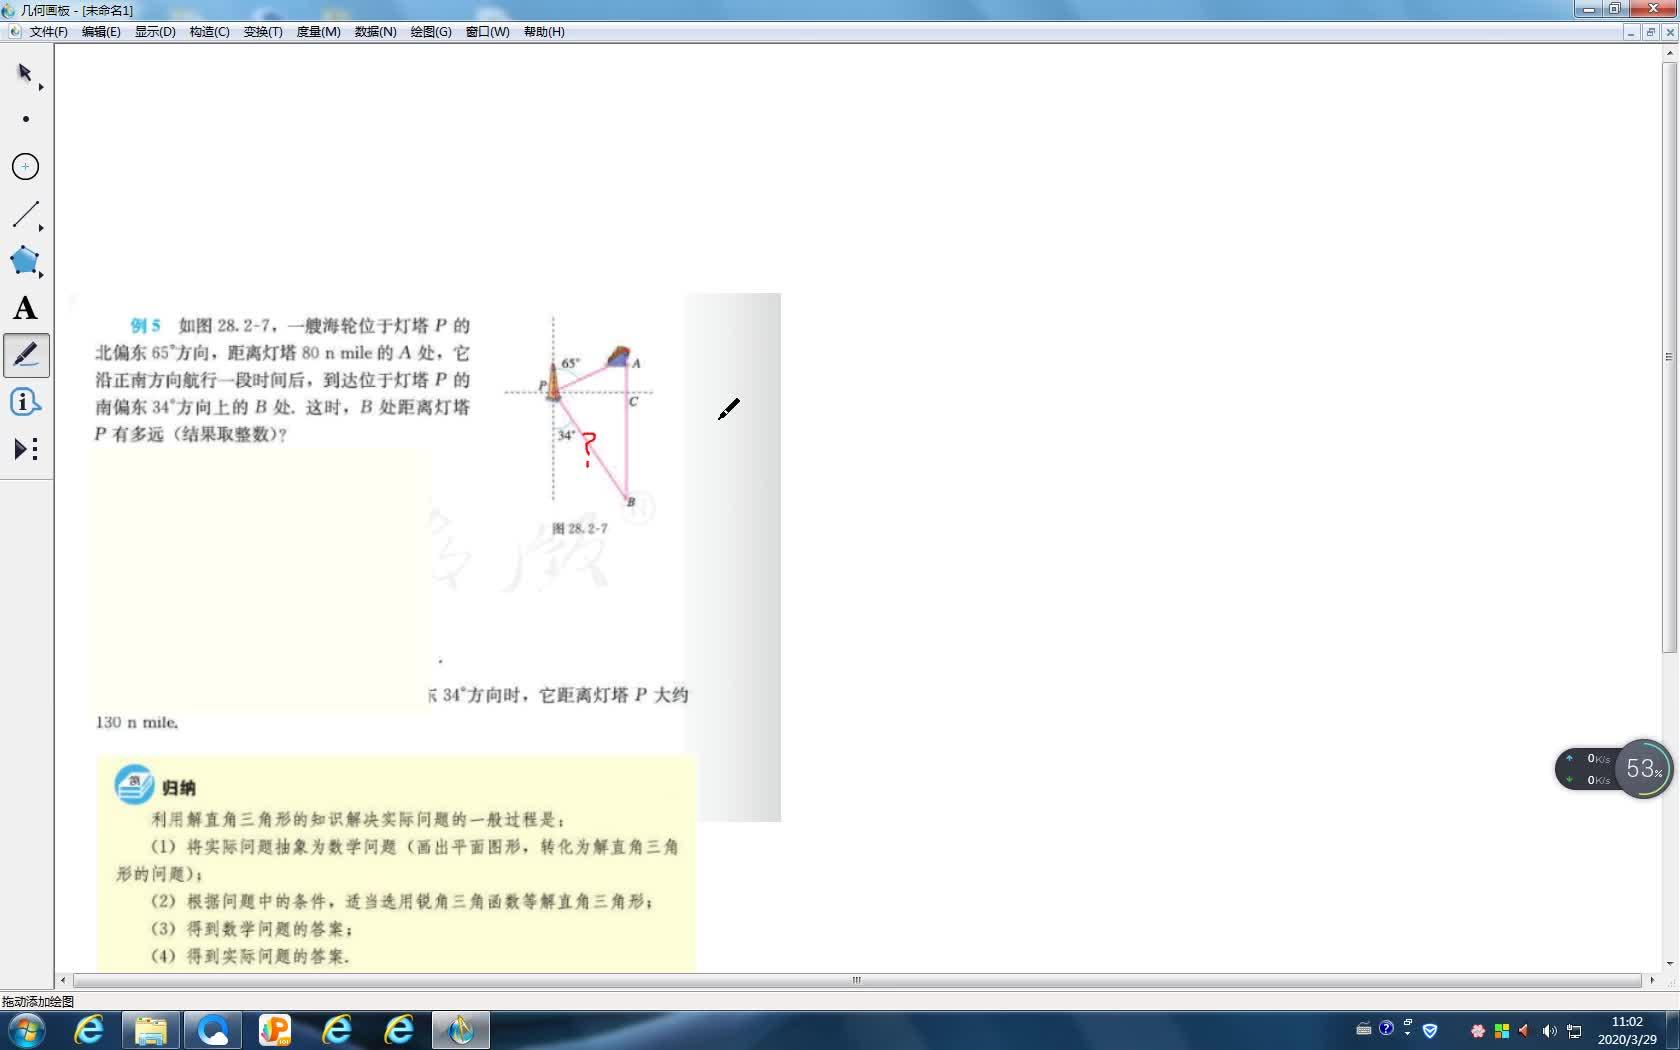 人教版九年級下冊   28.2.2應用舉例(2)視頻微課